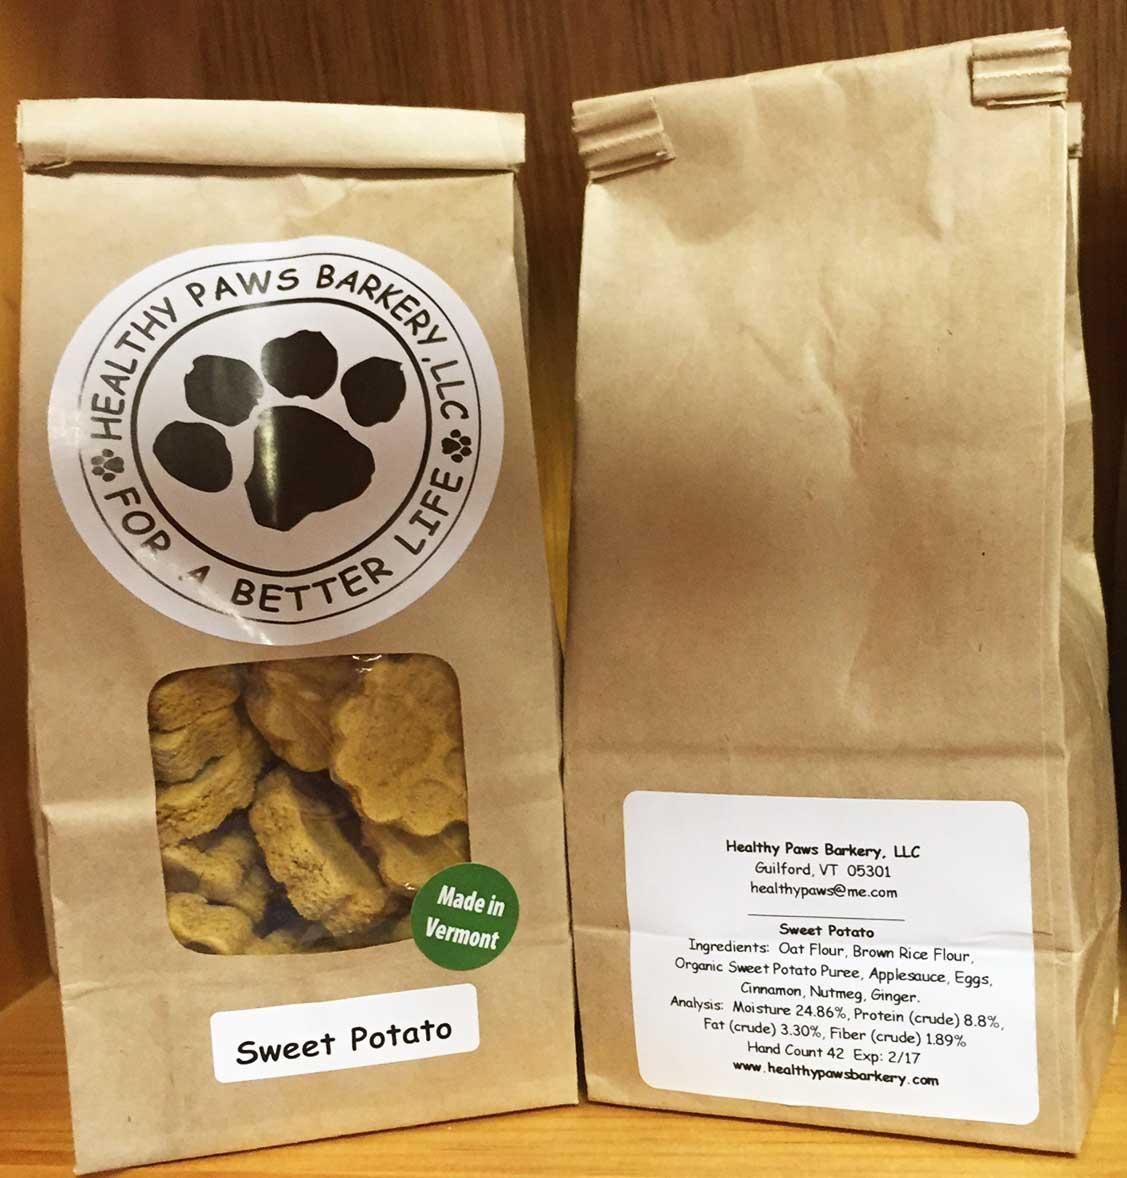 Healthy Paws Barkery - Sweet Potato Dog Treats